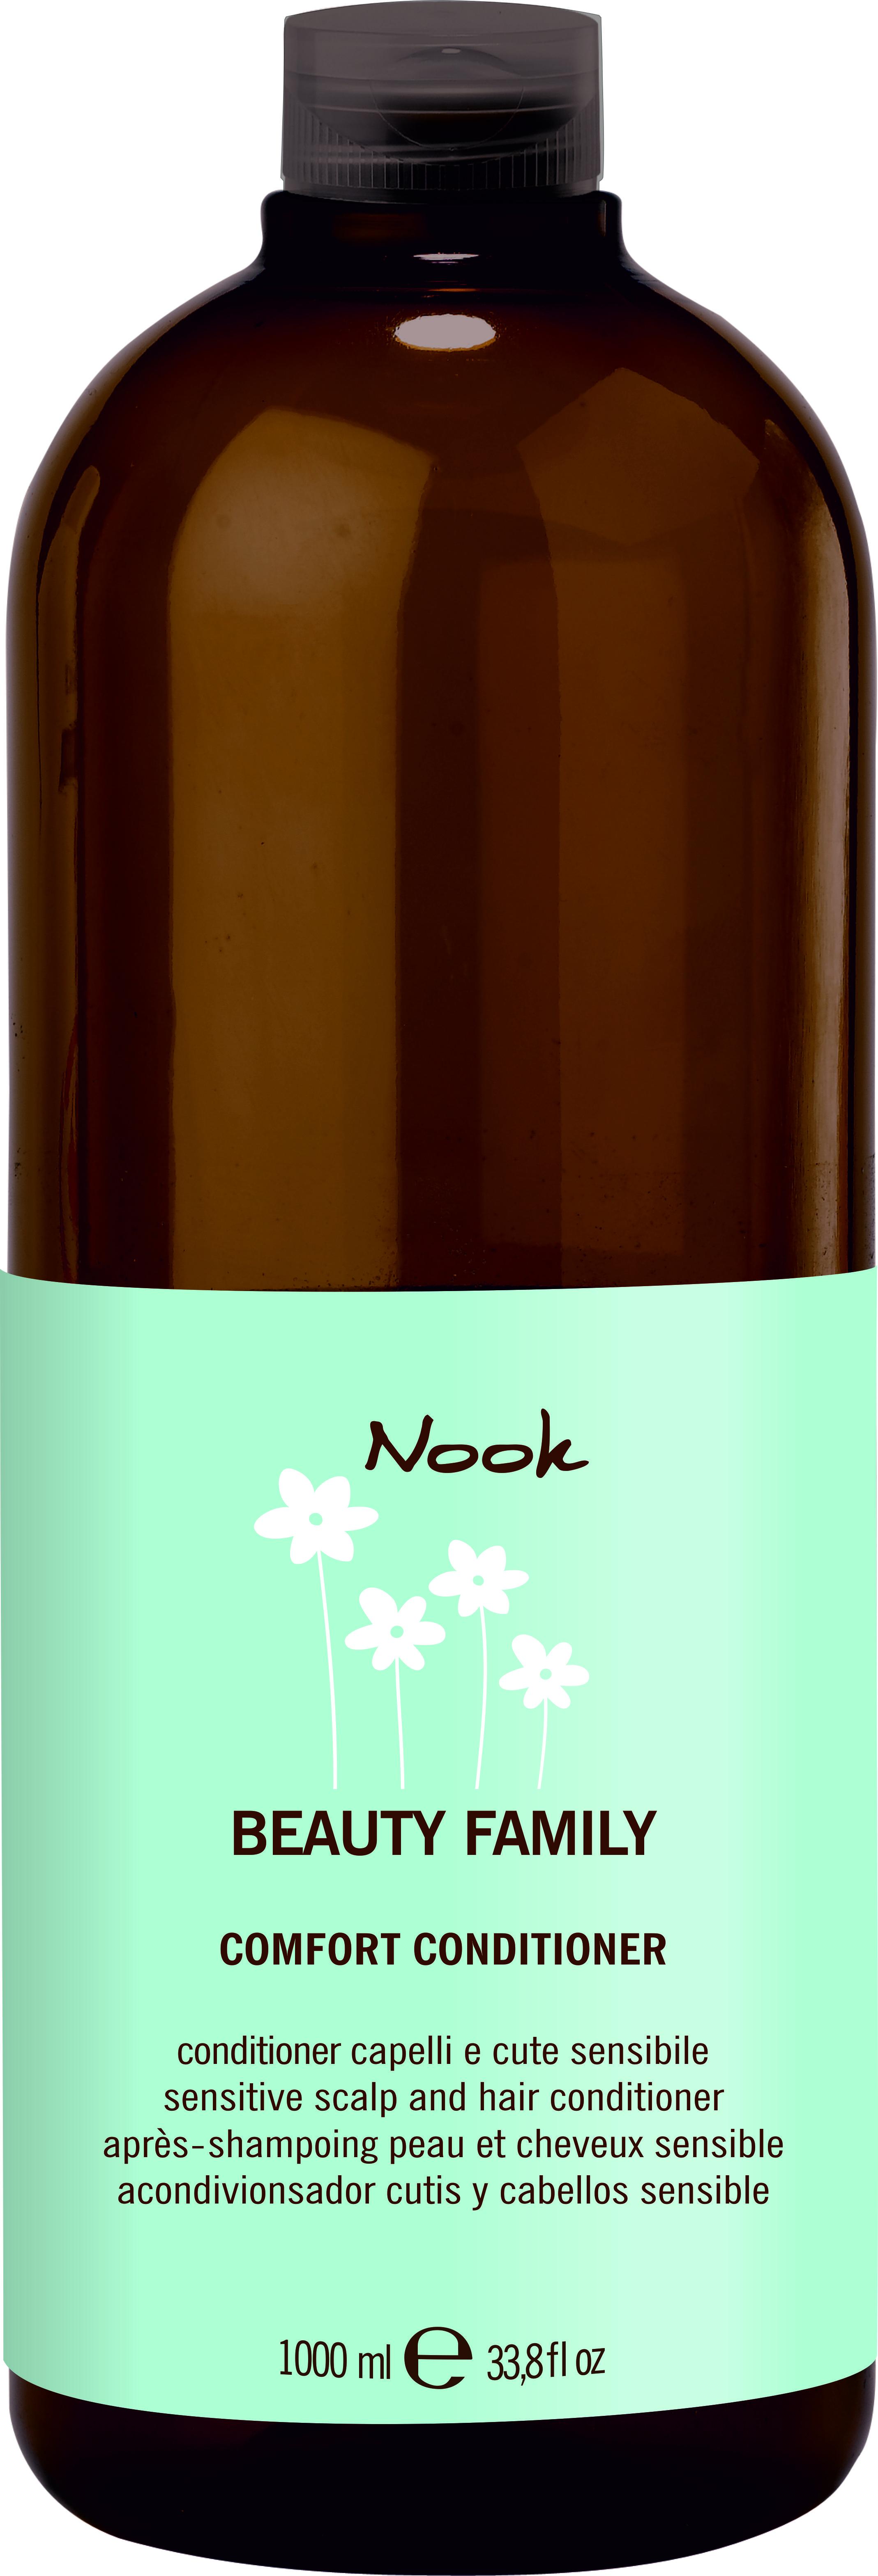 NOOK Кондиционер для нормальных волос Ph 5,0 / Comfort Pak BEAUTY FAMILY 1000мл